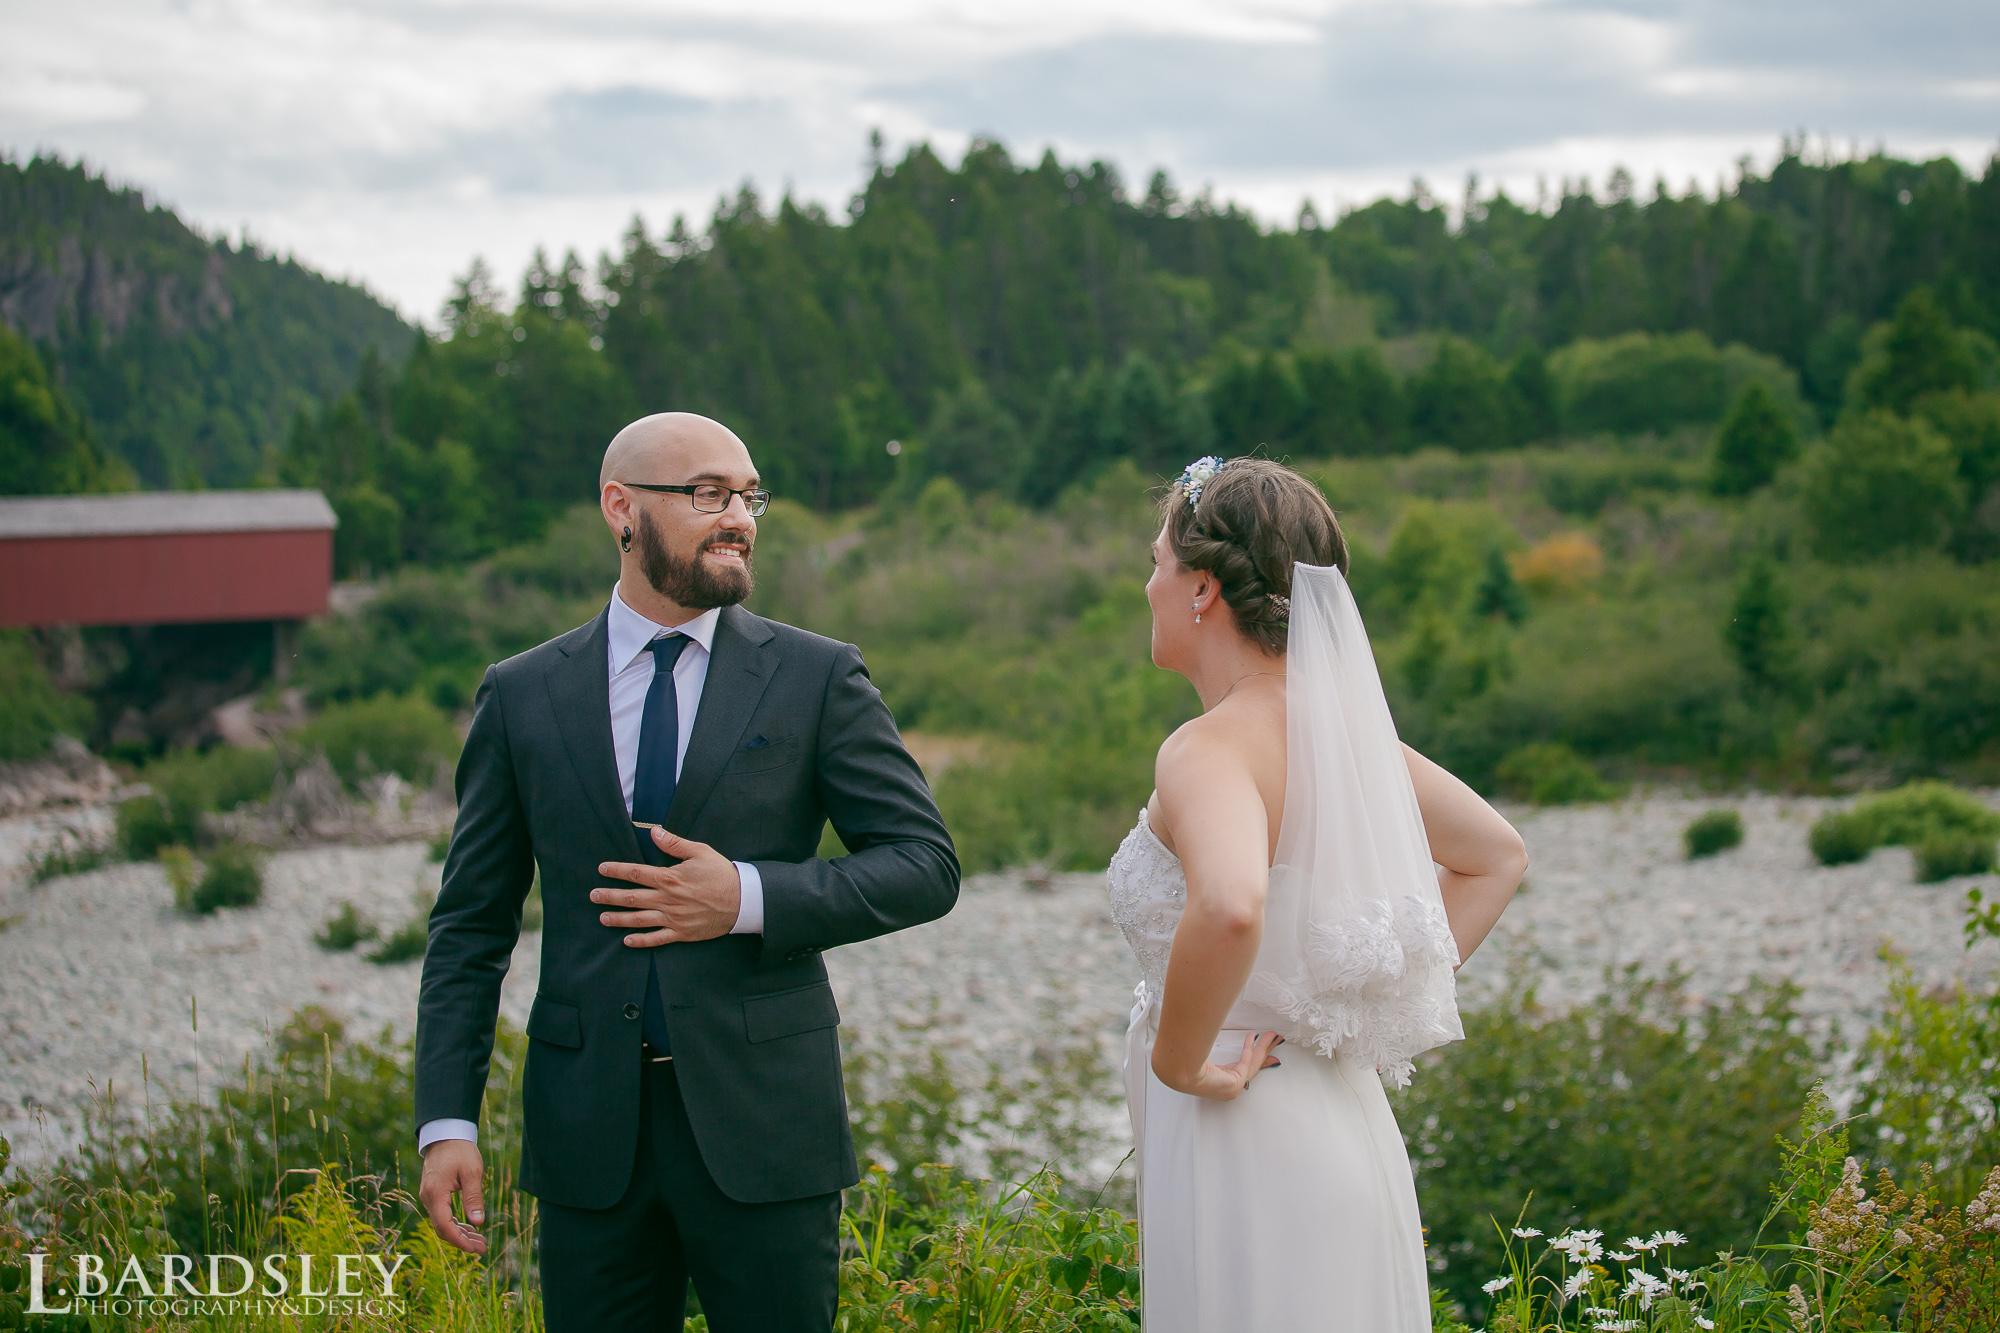 Jenn & Tim's Wedding